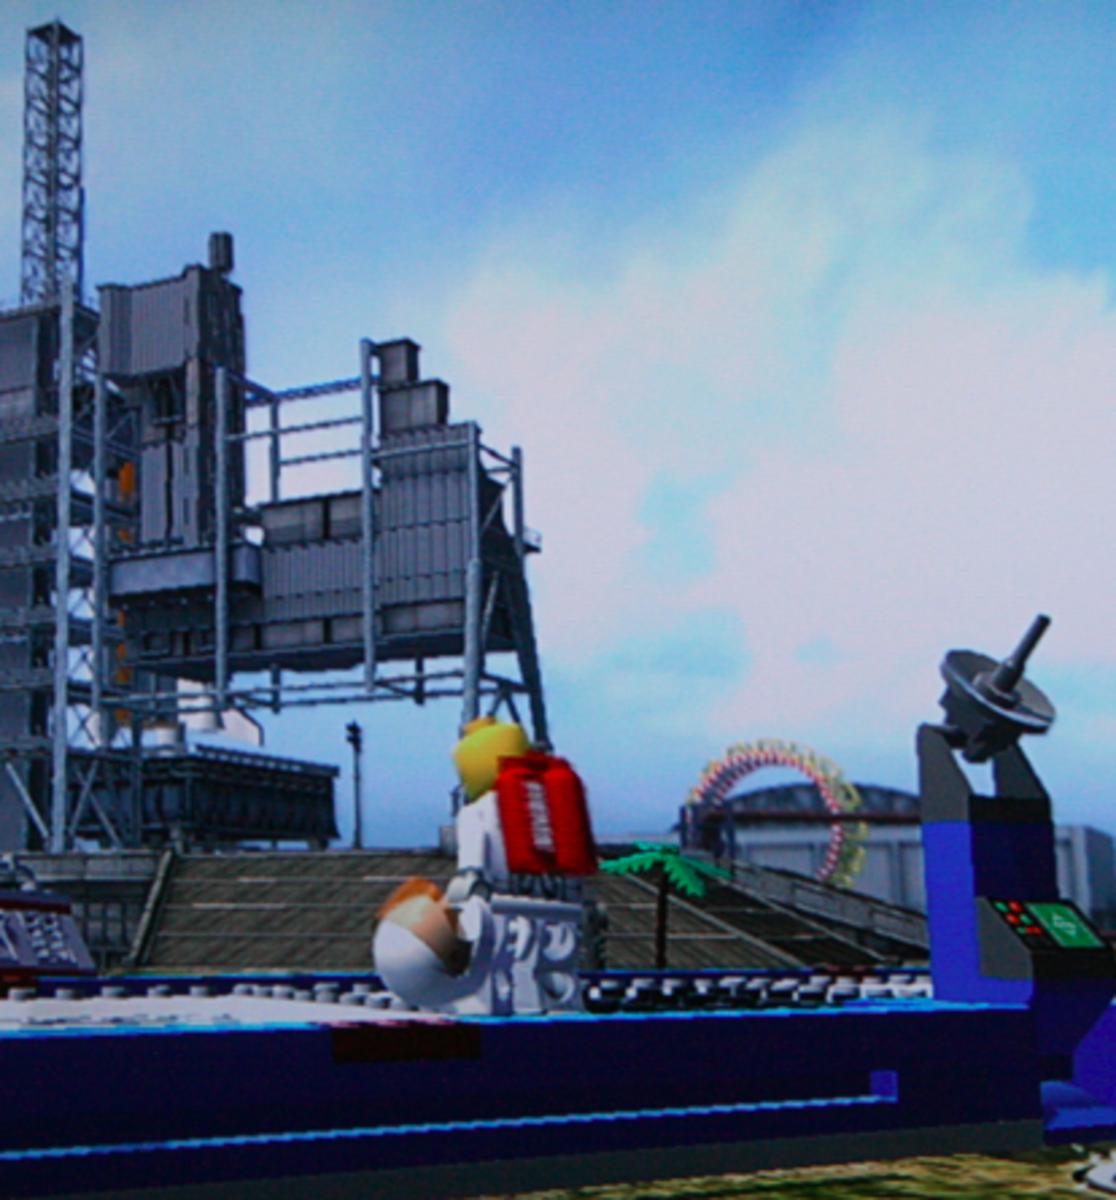 LEGO City Undercover walkthrough: Apollo Island Collectibles